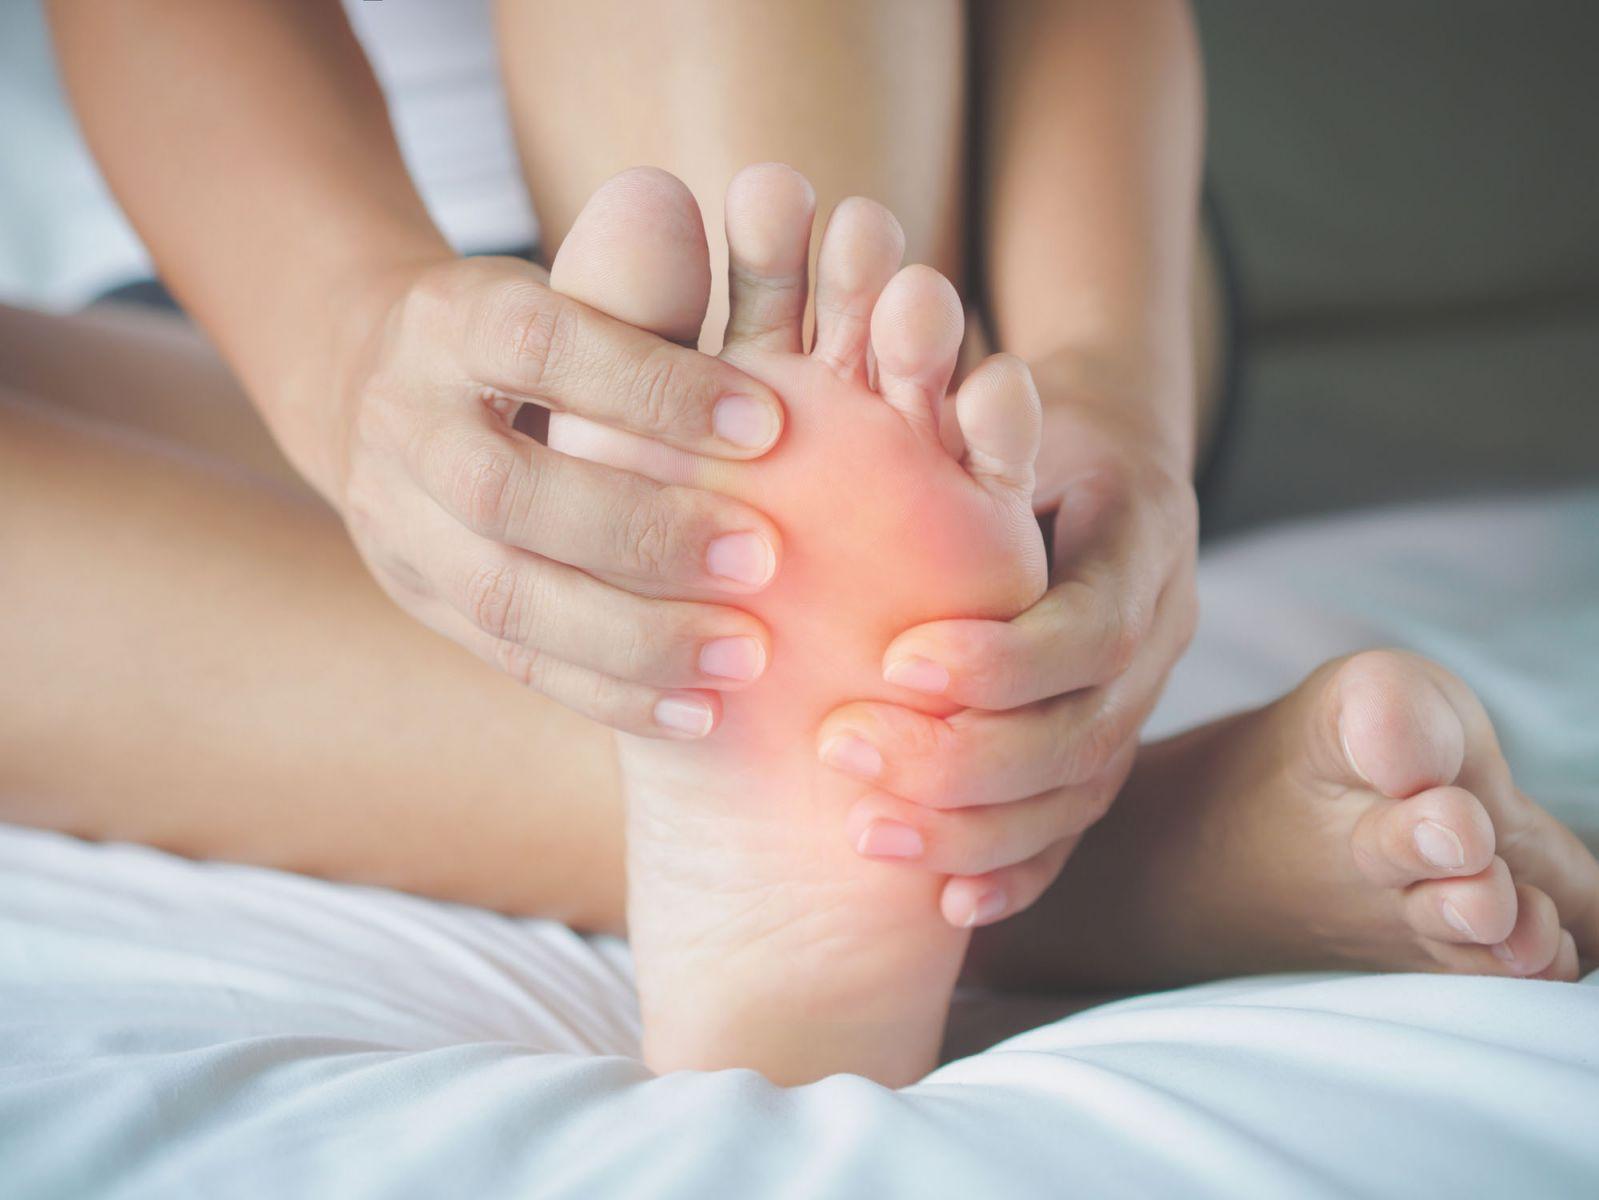 kojų patinimo su hipertenzija priežastys